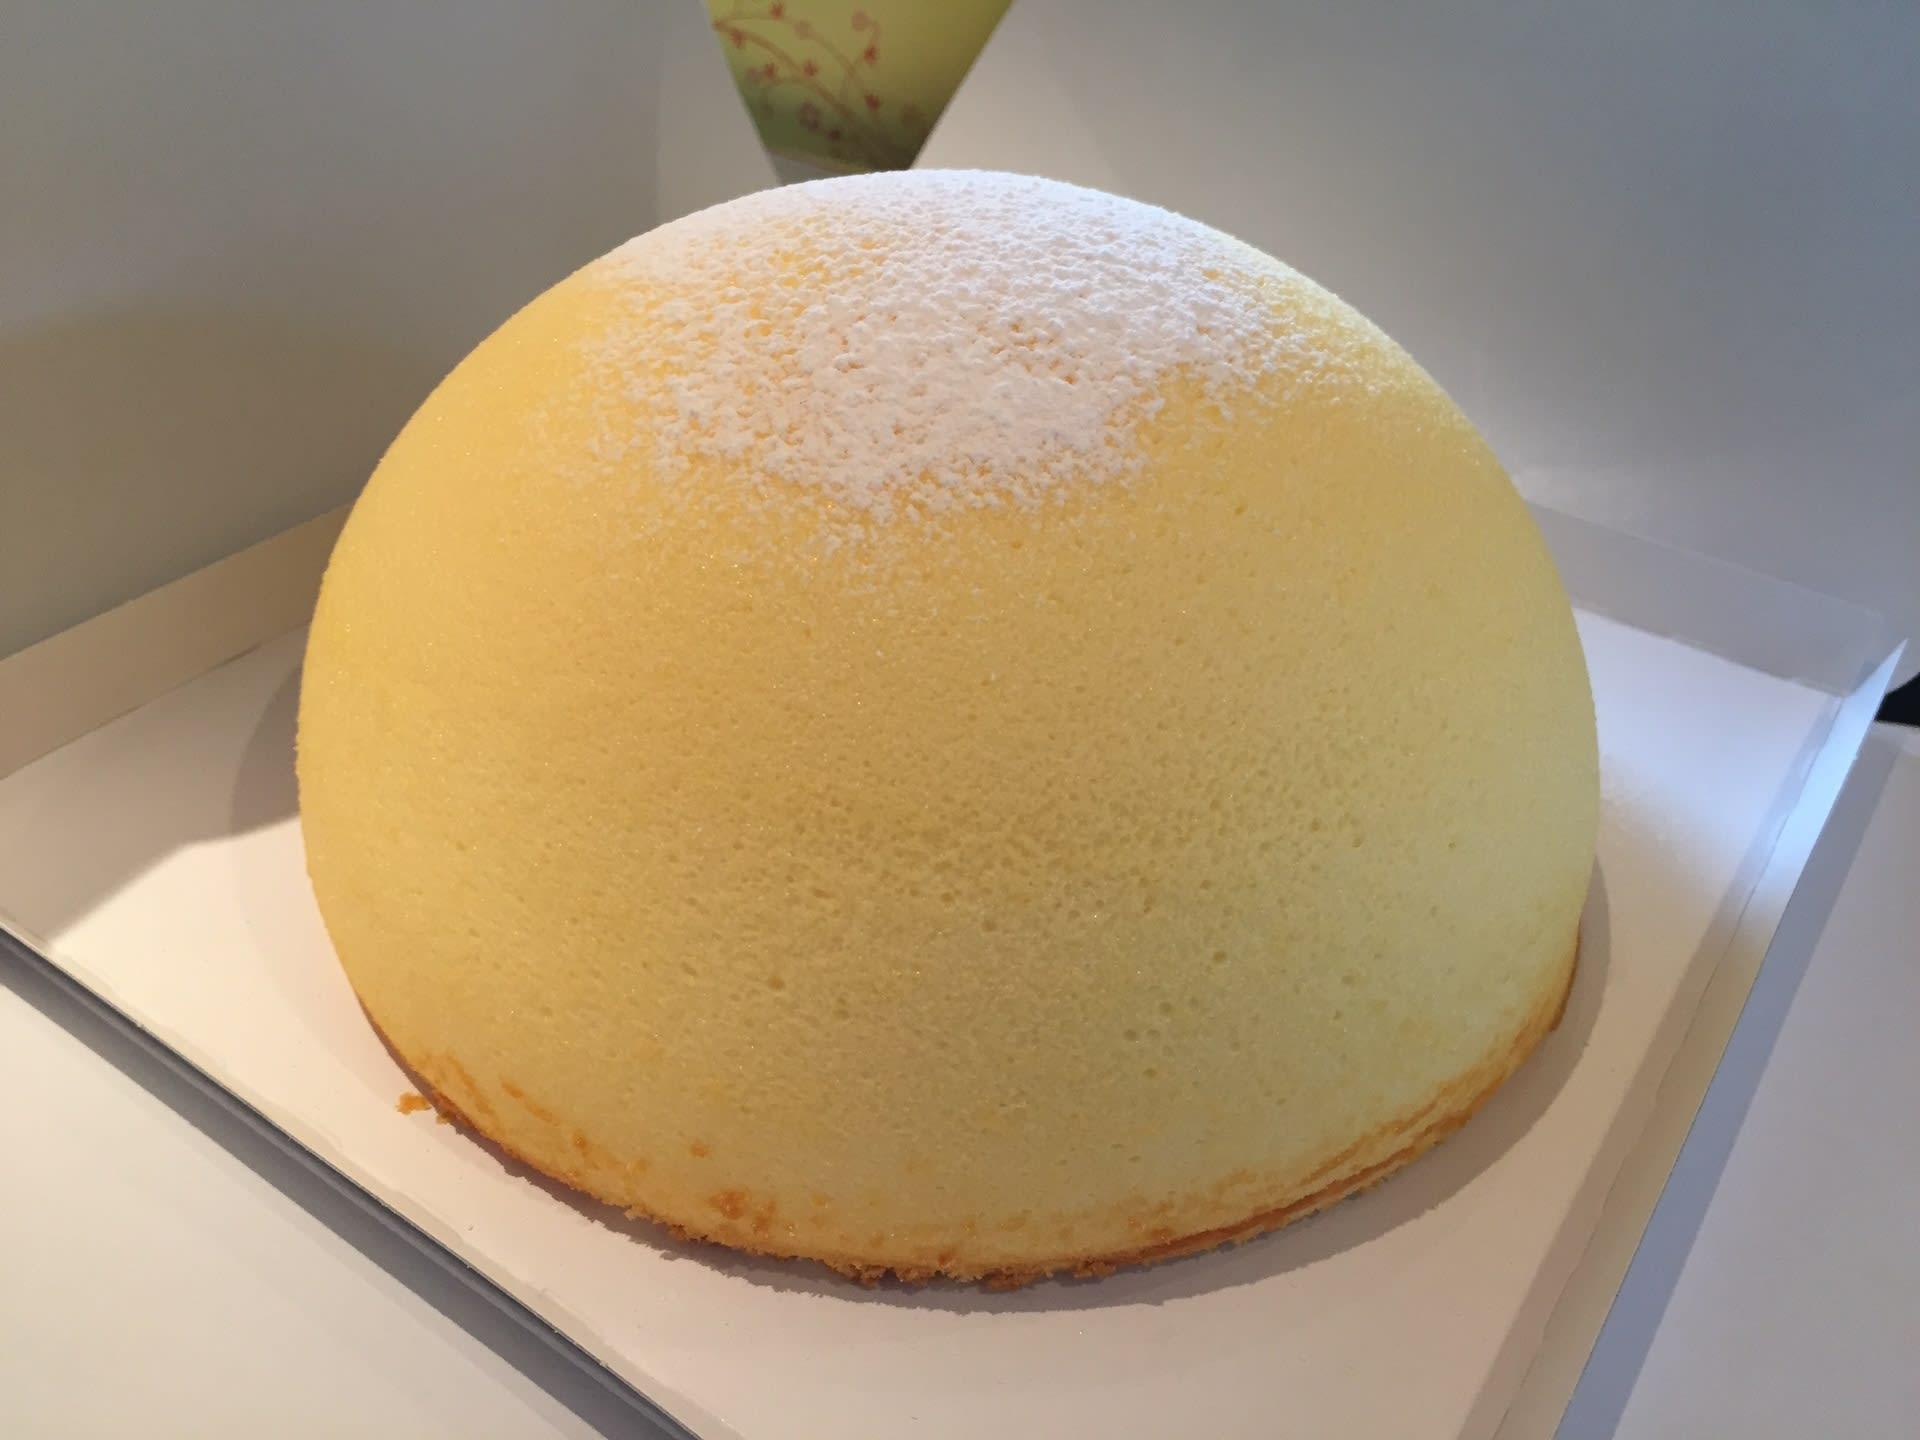 「ガトー・プーリア 「チーズズコット」の画像検索結果